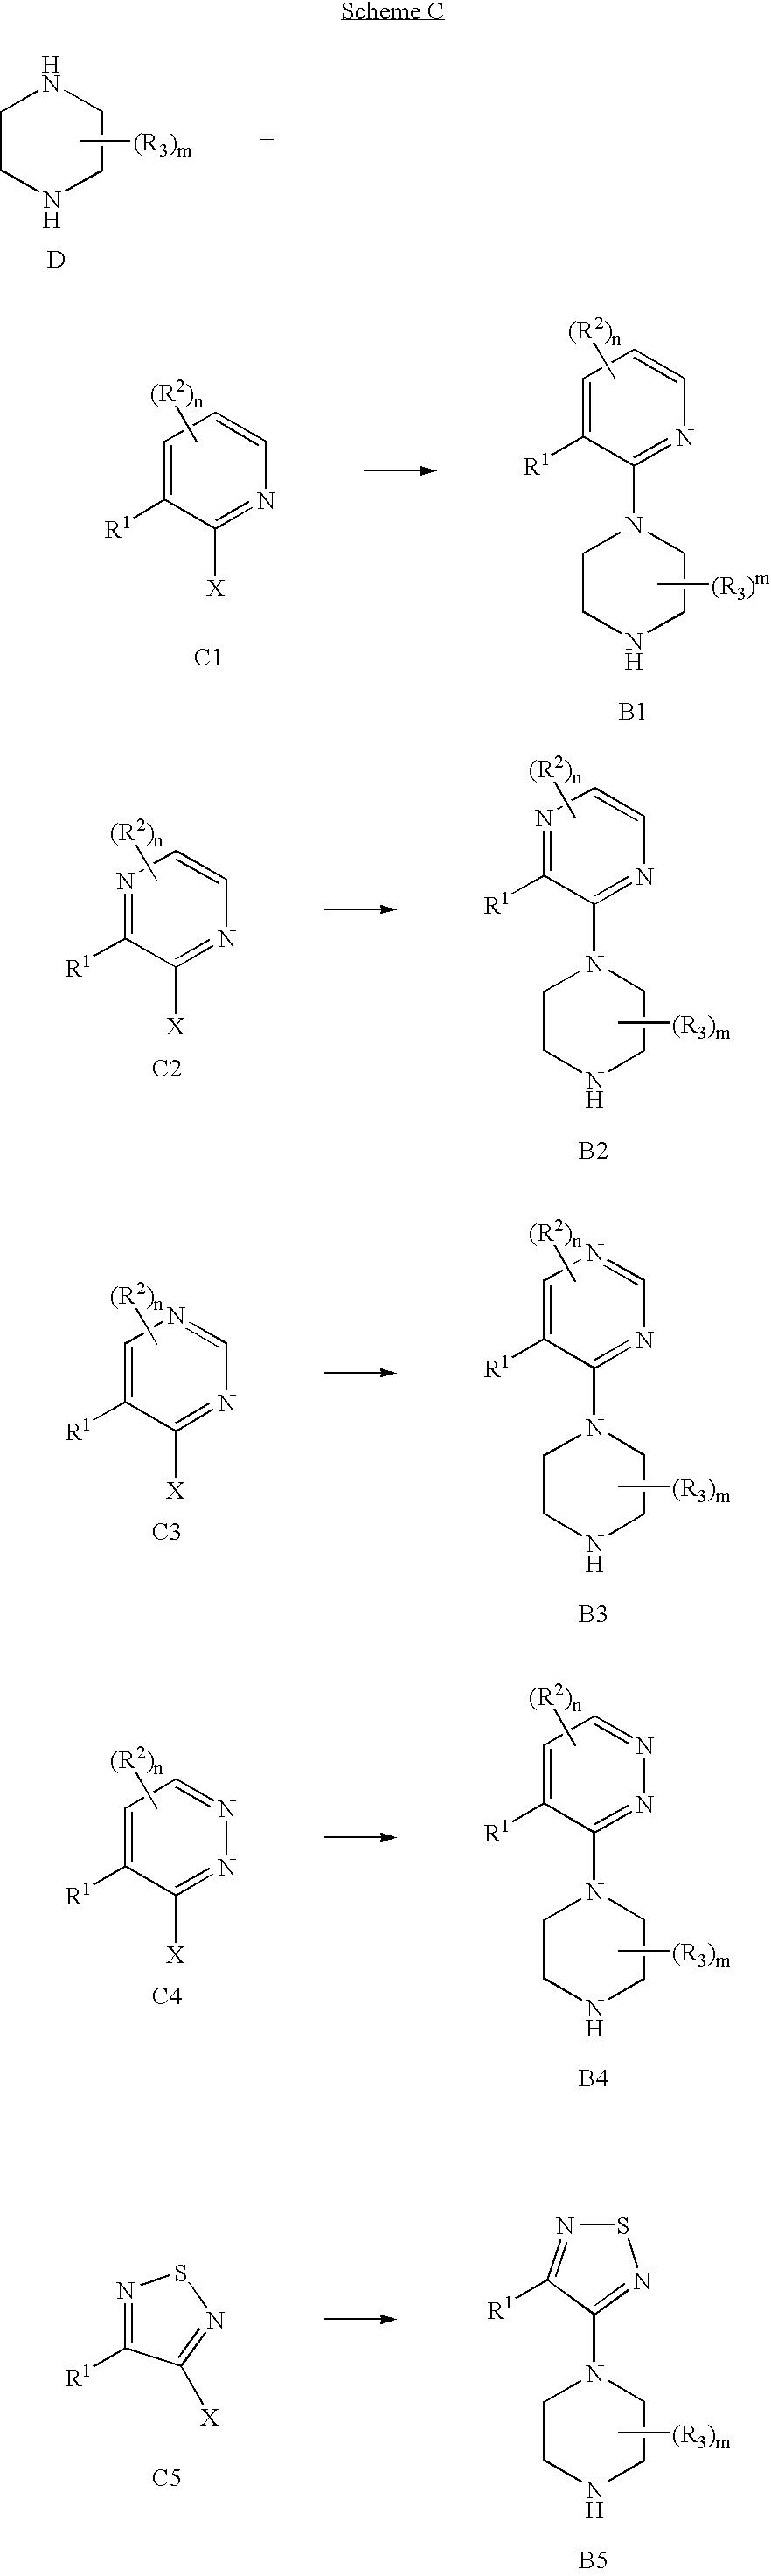 Figure US07279493-20071009-C00096